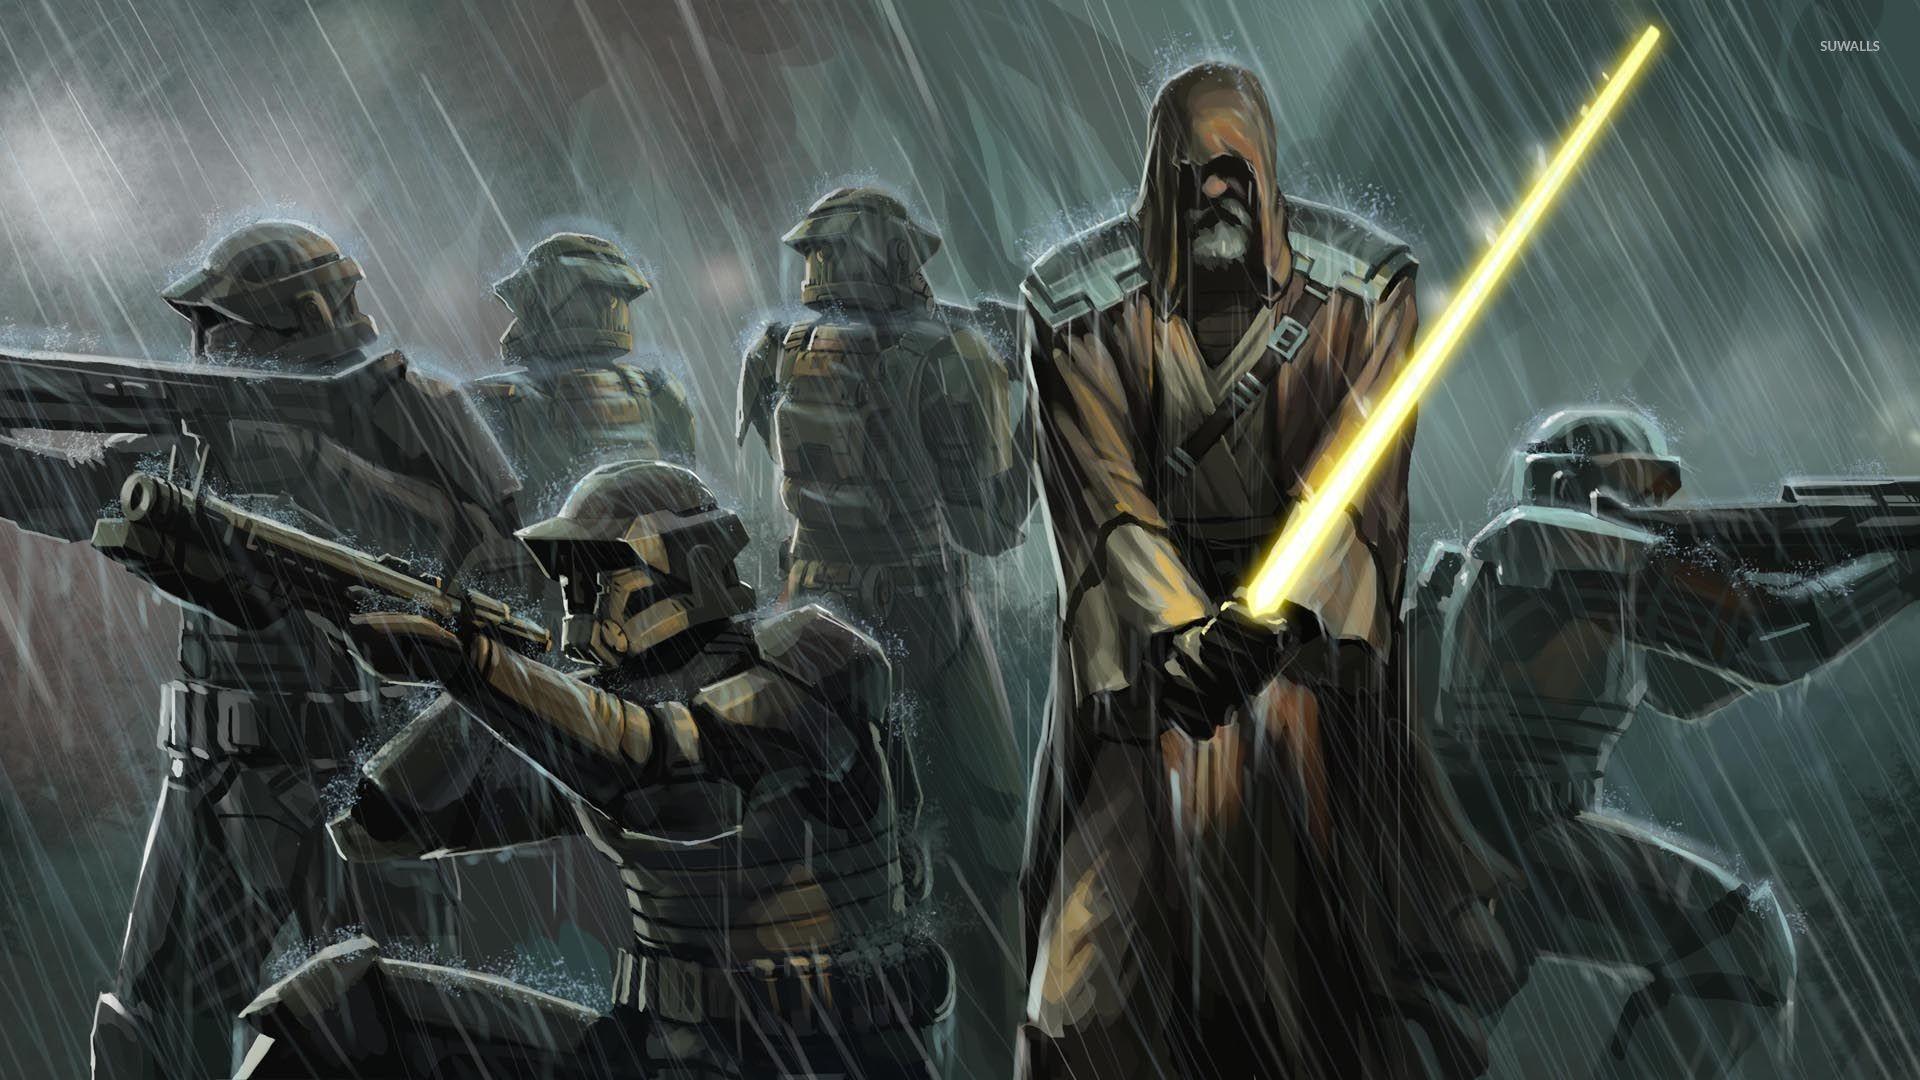 Star Wars Clone Trooper Video Games Star Wars Republic